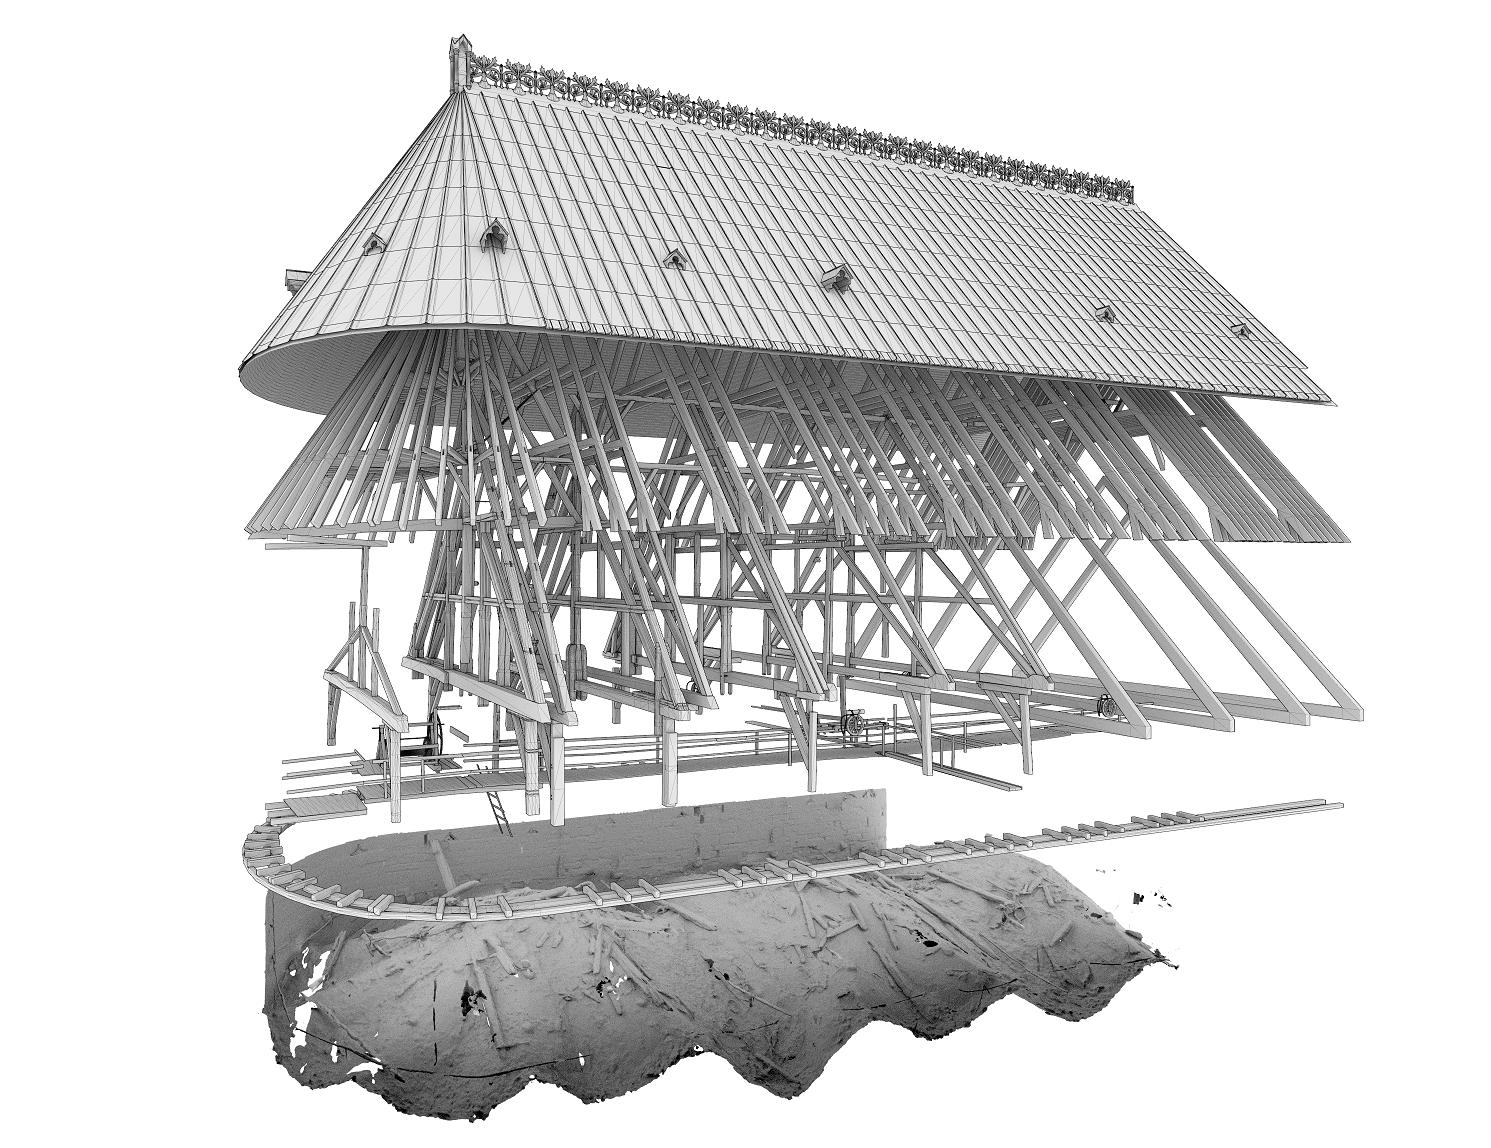 Vue éclatée de la restitution 3D de la charpente disparue du chœur et de ses restes, sur l'extrados des voûtes de la cathédrale Notre-Dame de Paris, orientée nord-est. Elle est réalisée à partir du relevé lasergrammétrique menée par Archeovision en mars 2020 et des relevés de Rémi Fromont et Cédric Trentesaux (modélisation en cours)